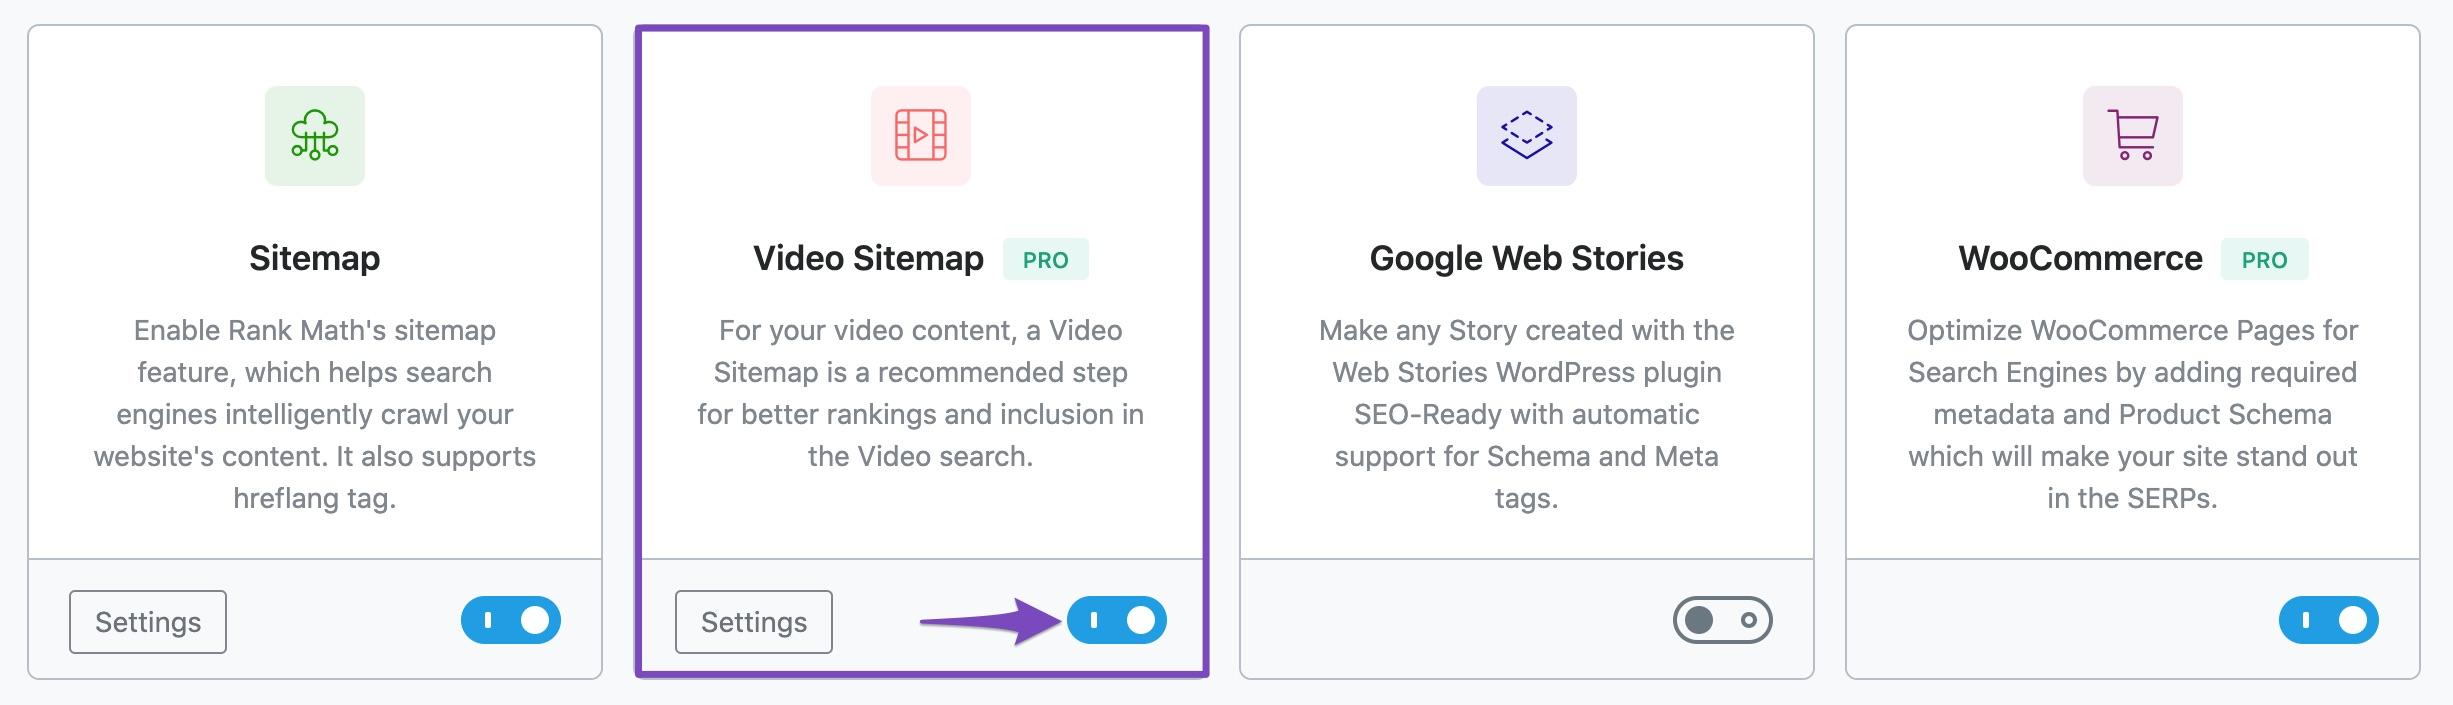 Enabling Video Sitemap module